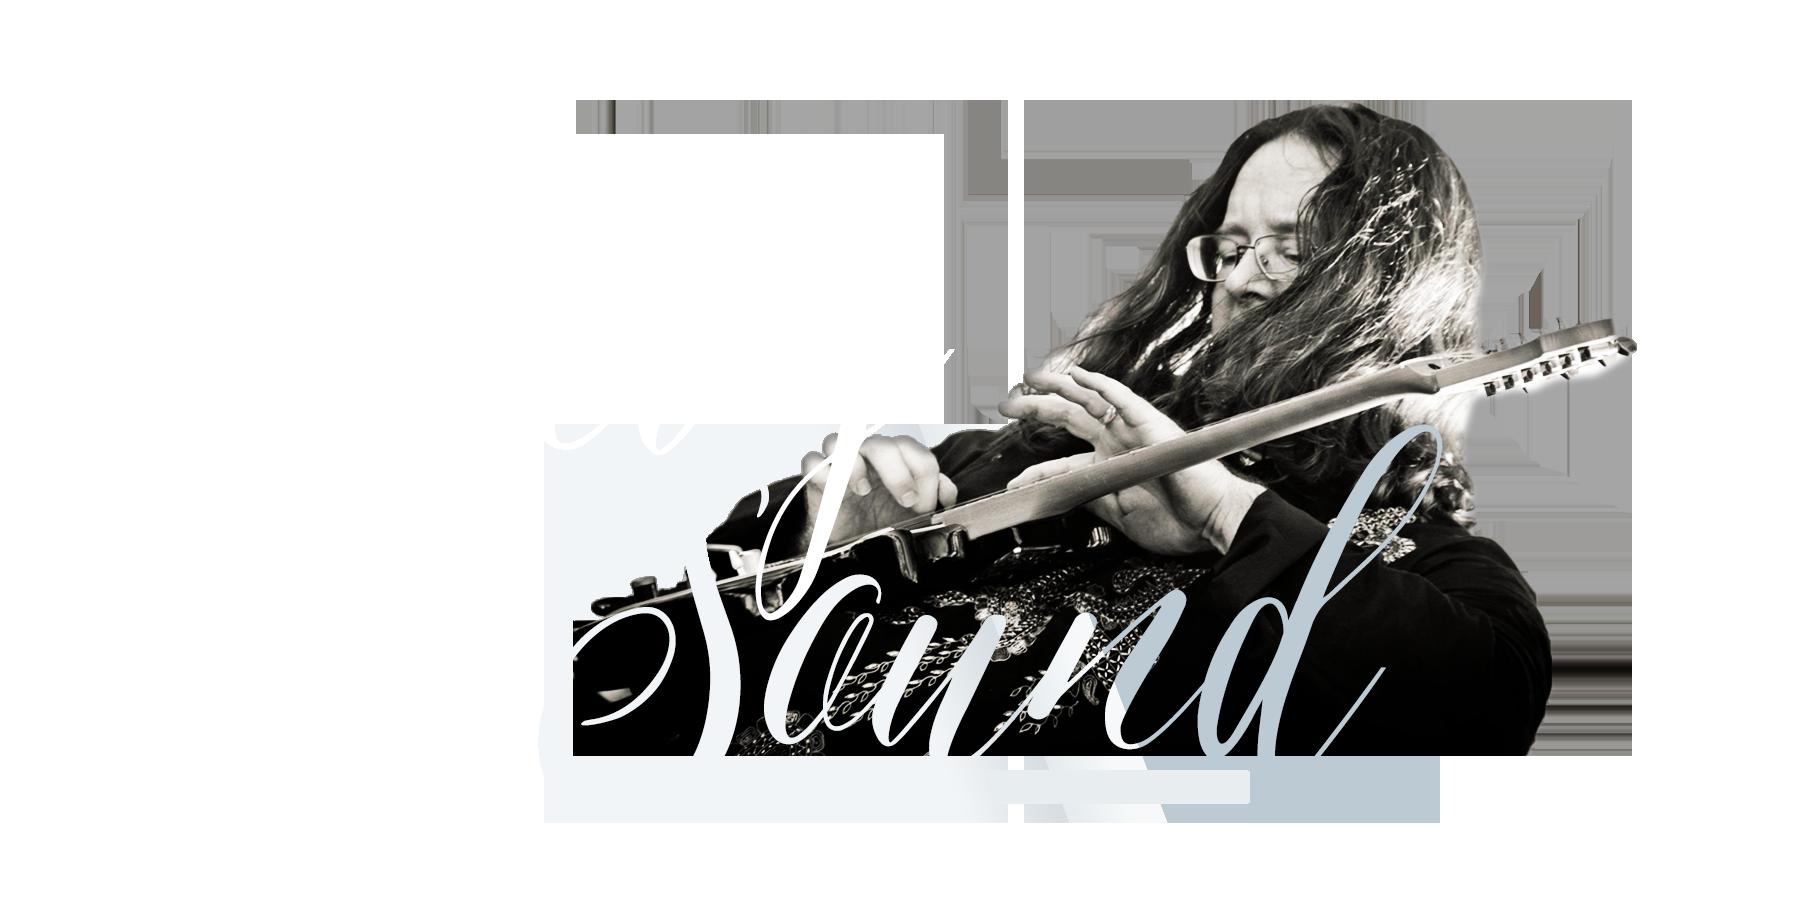 stevysound.com